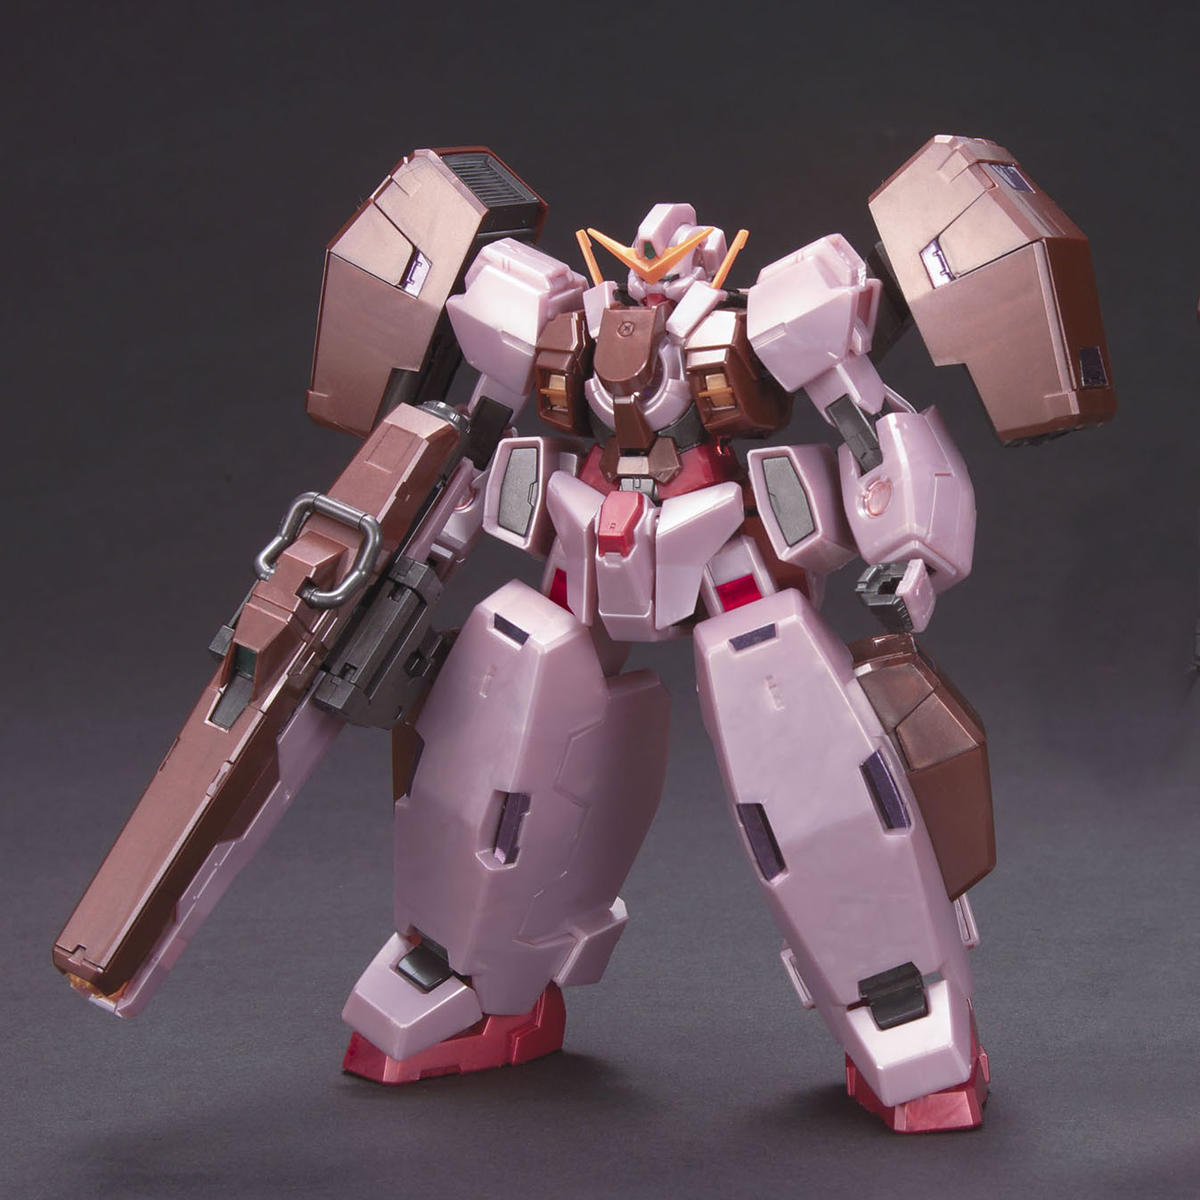 6680HG 034 1/144 GN-005 ガンダムヴァーチェ(トランザムモード)グロスインジェクションバージョン [Gundam Virtue Trans-Am Mode]